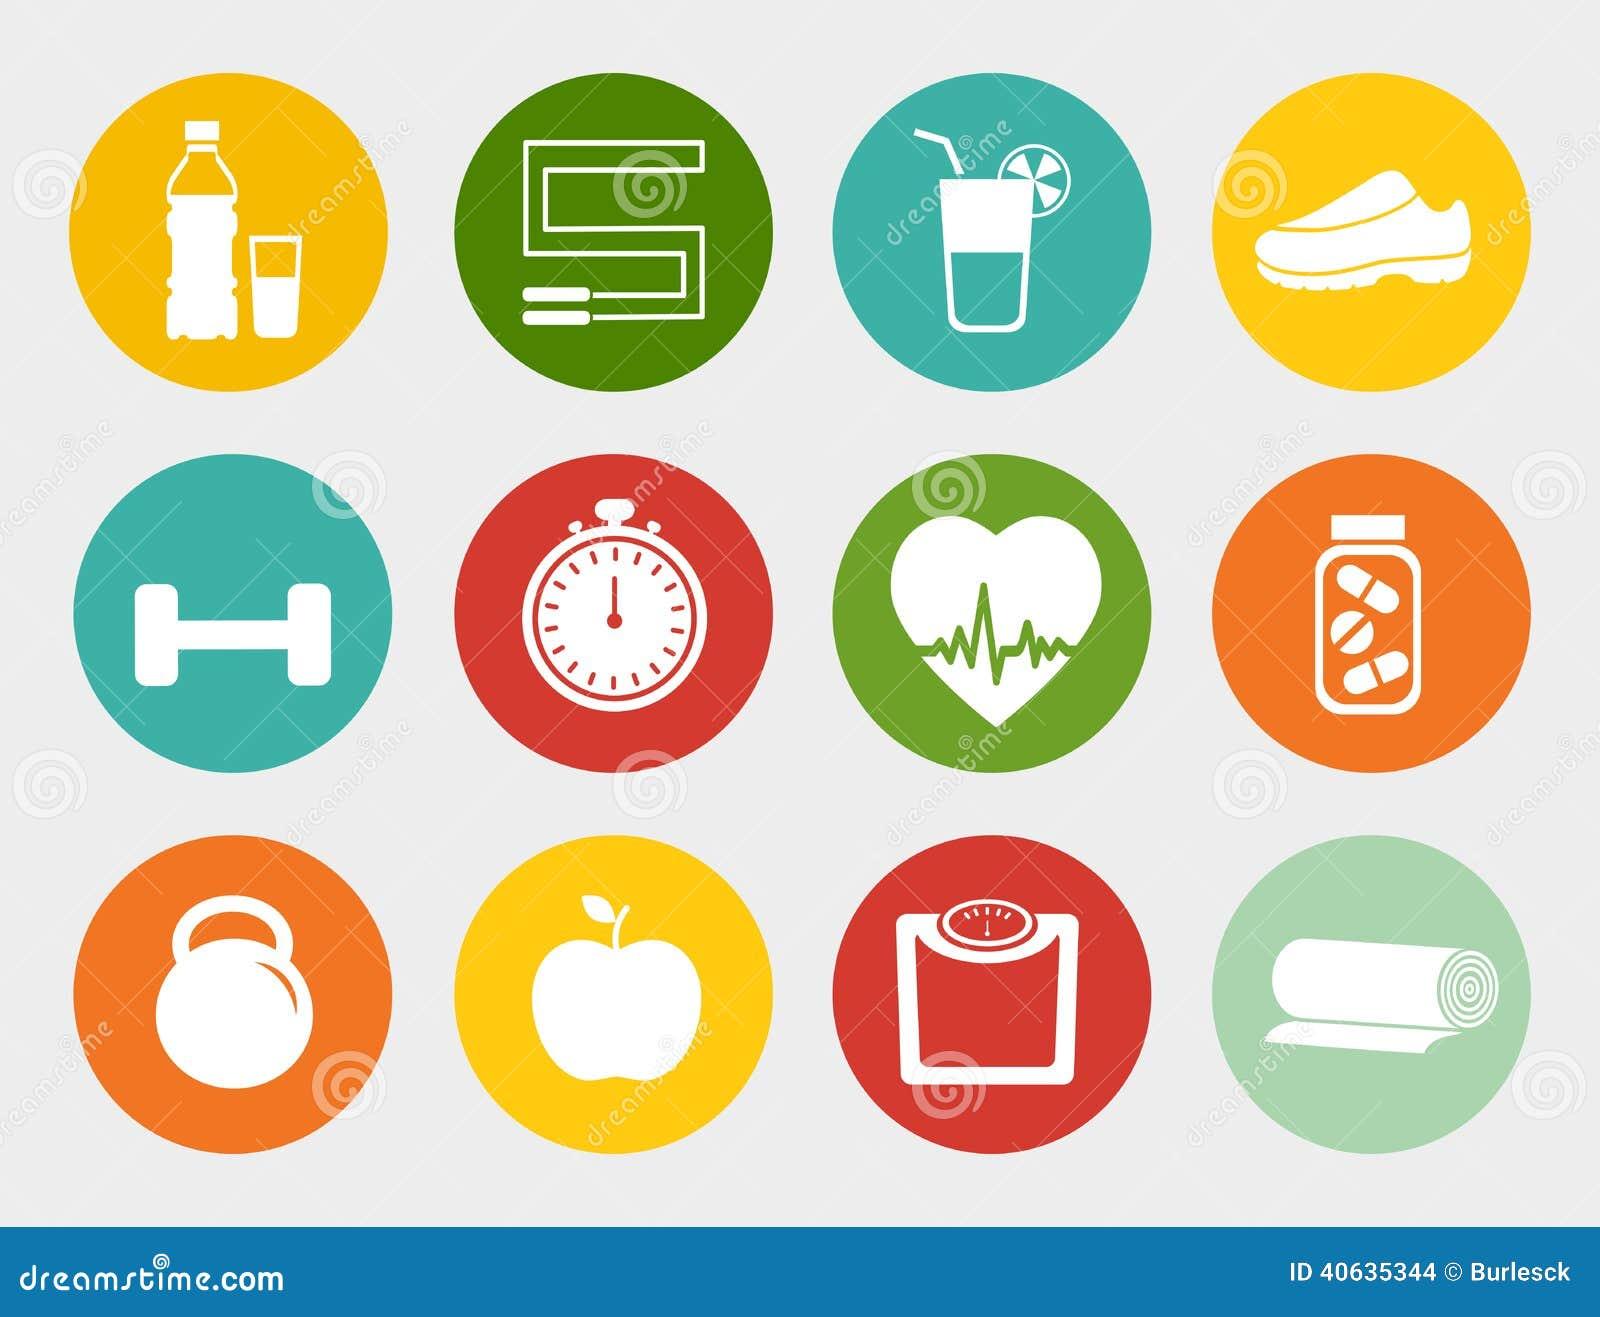 здоровый образ жизни безопасность жизнедеятельности